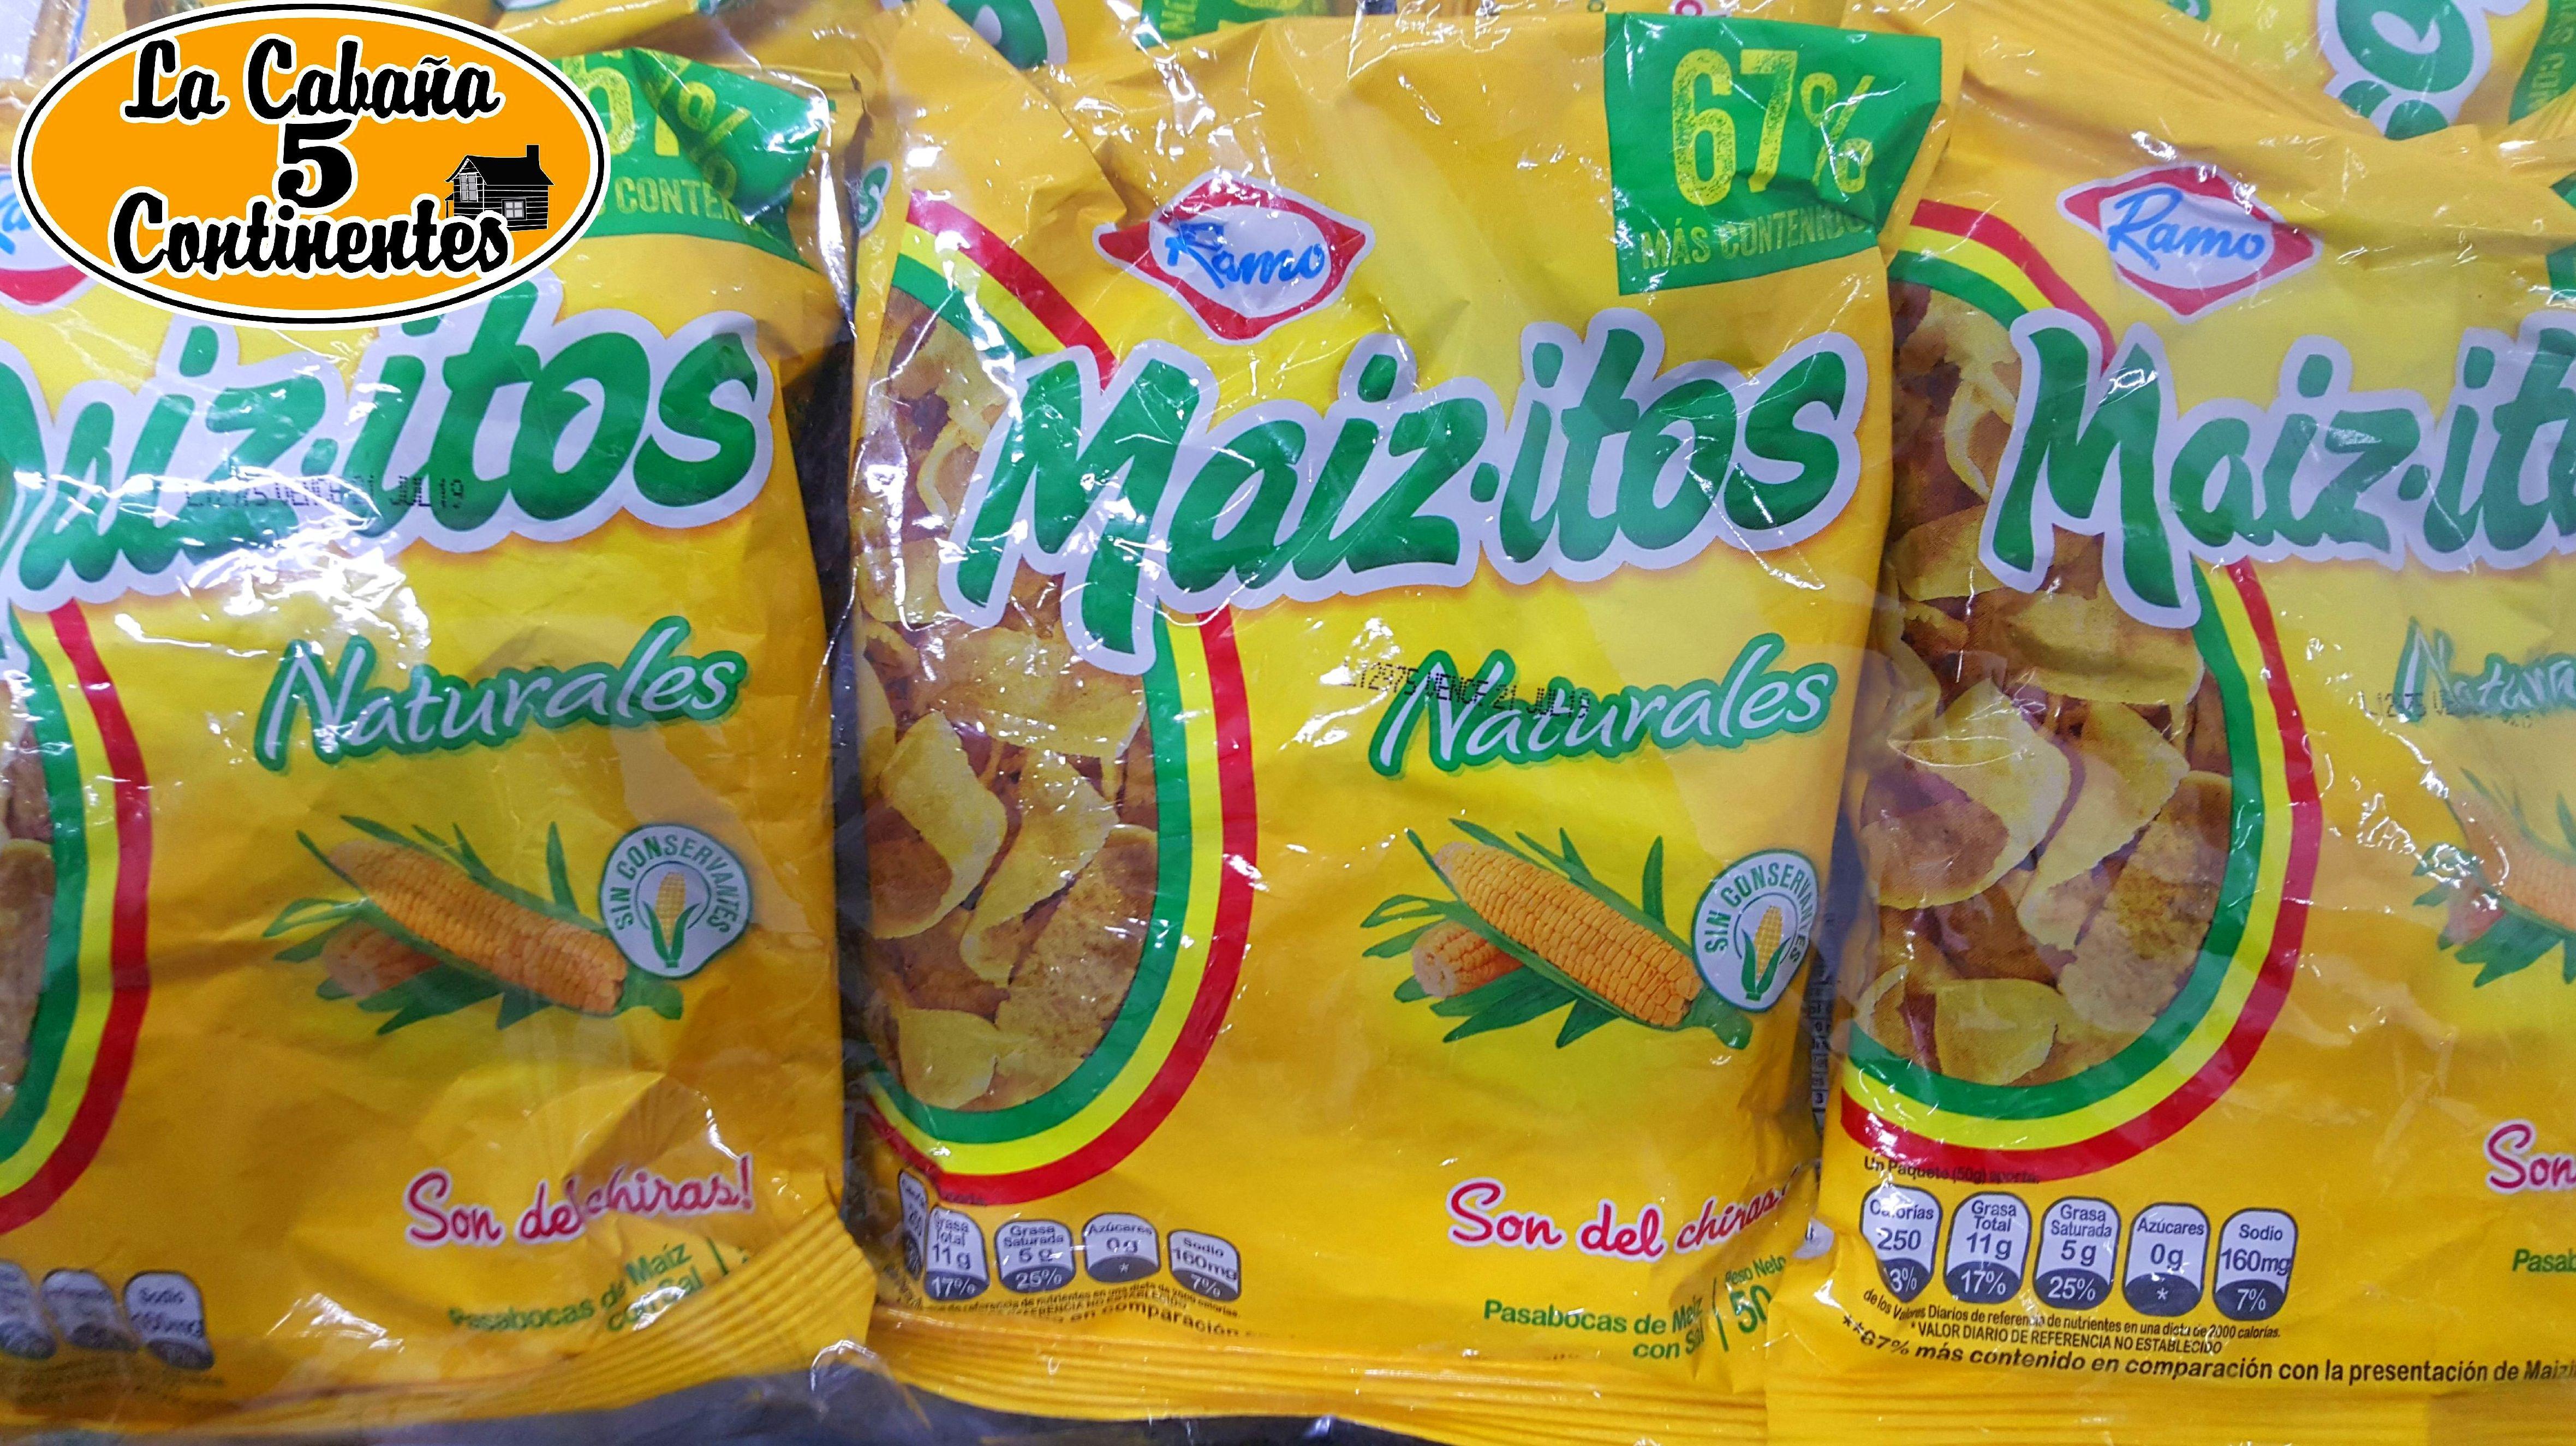 maiz-itos: PRODUCTOS de La Cabaña 5 continentes